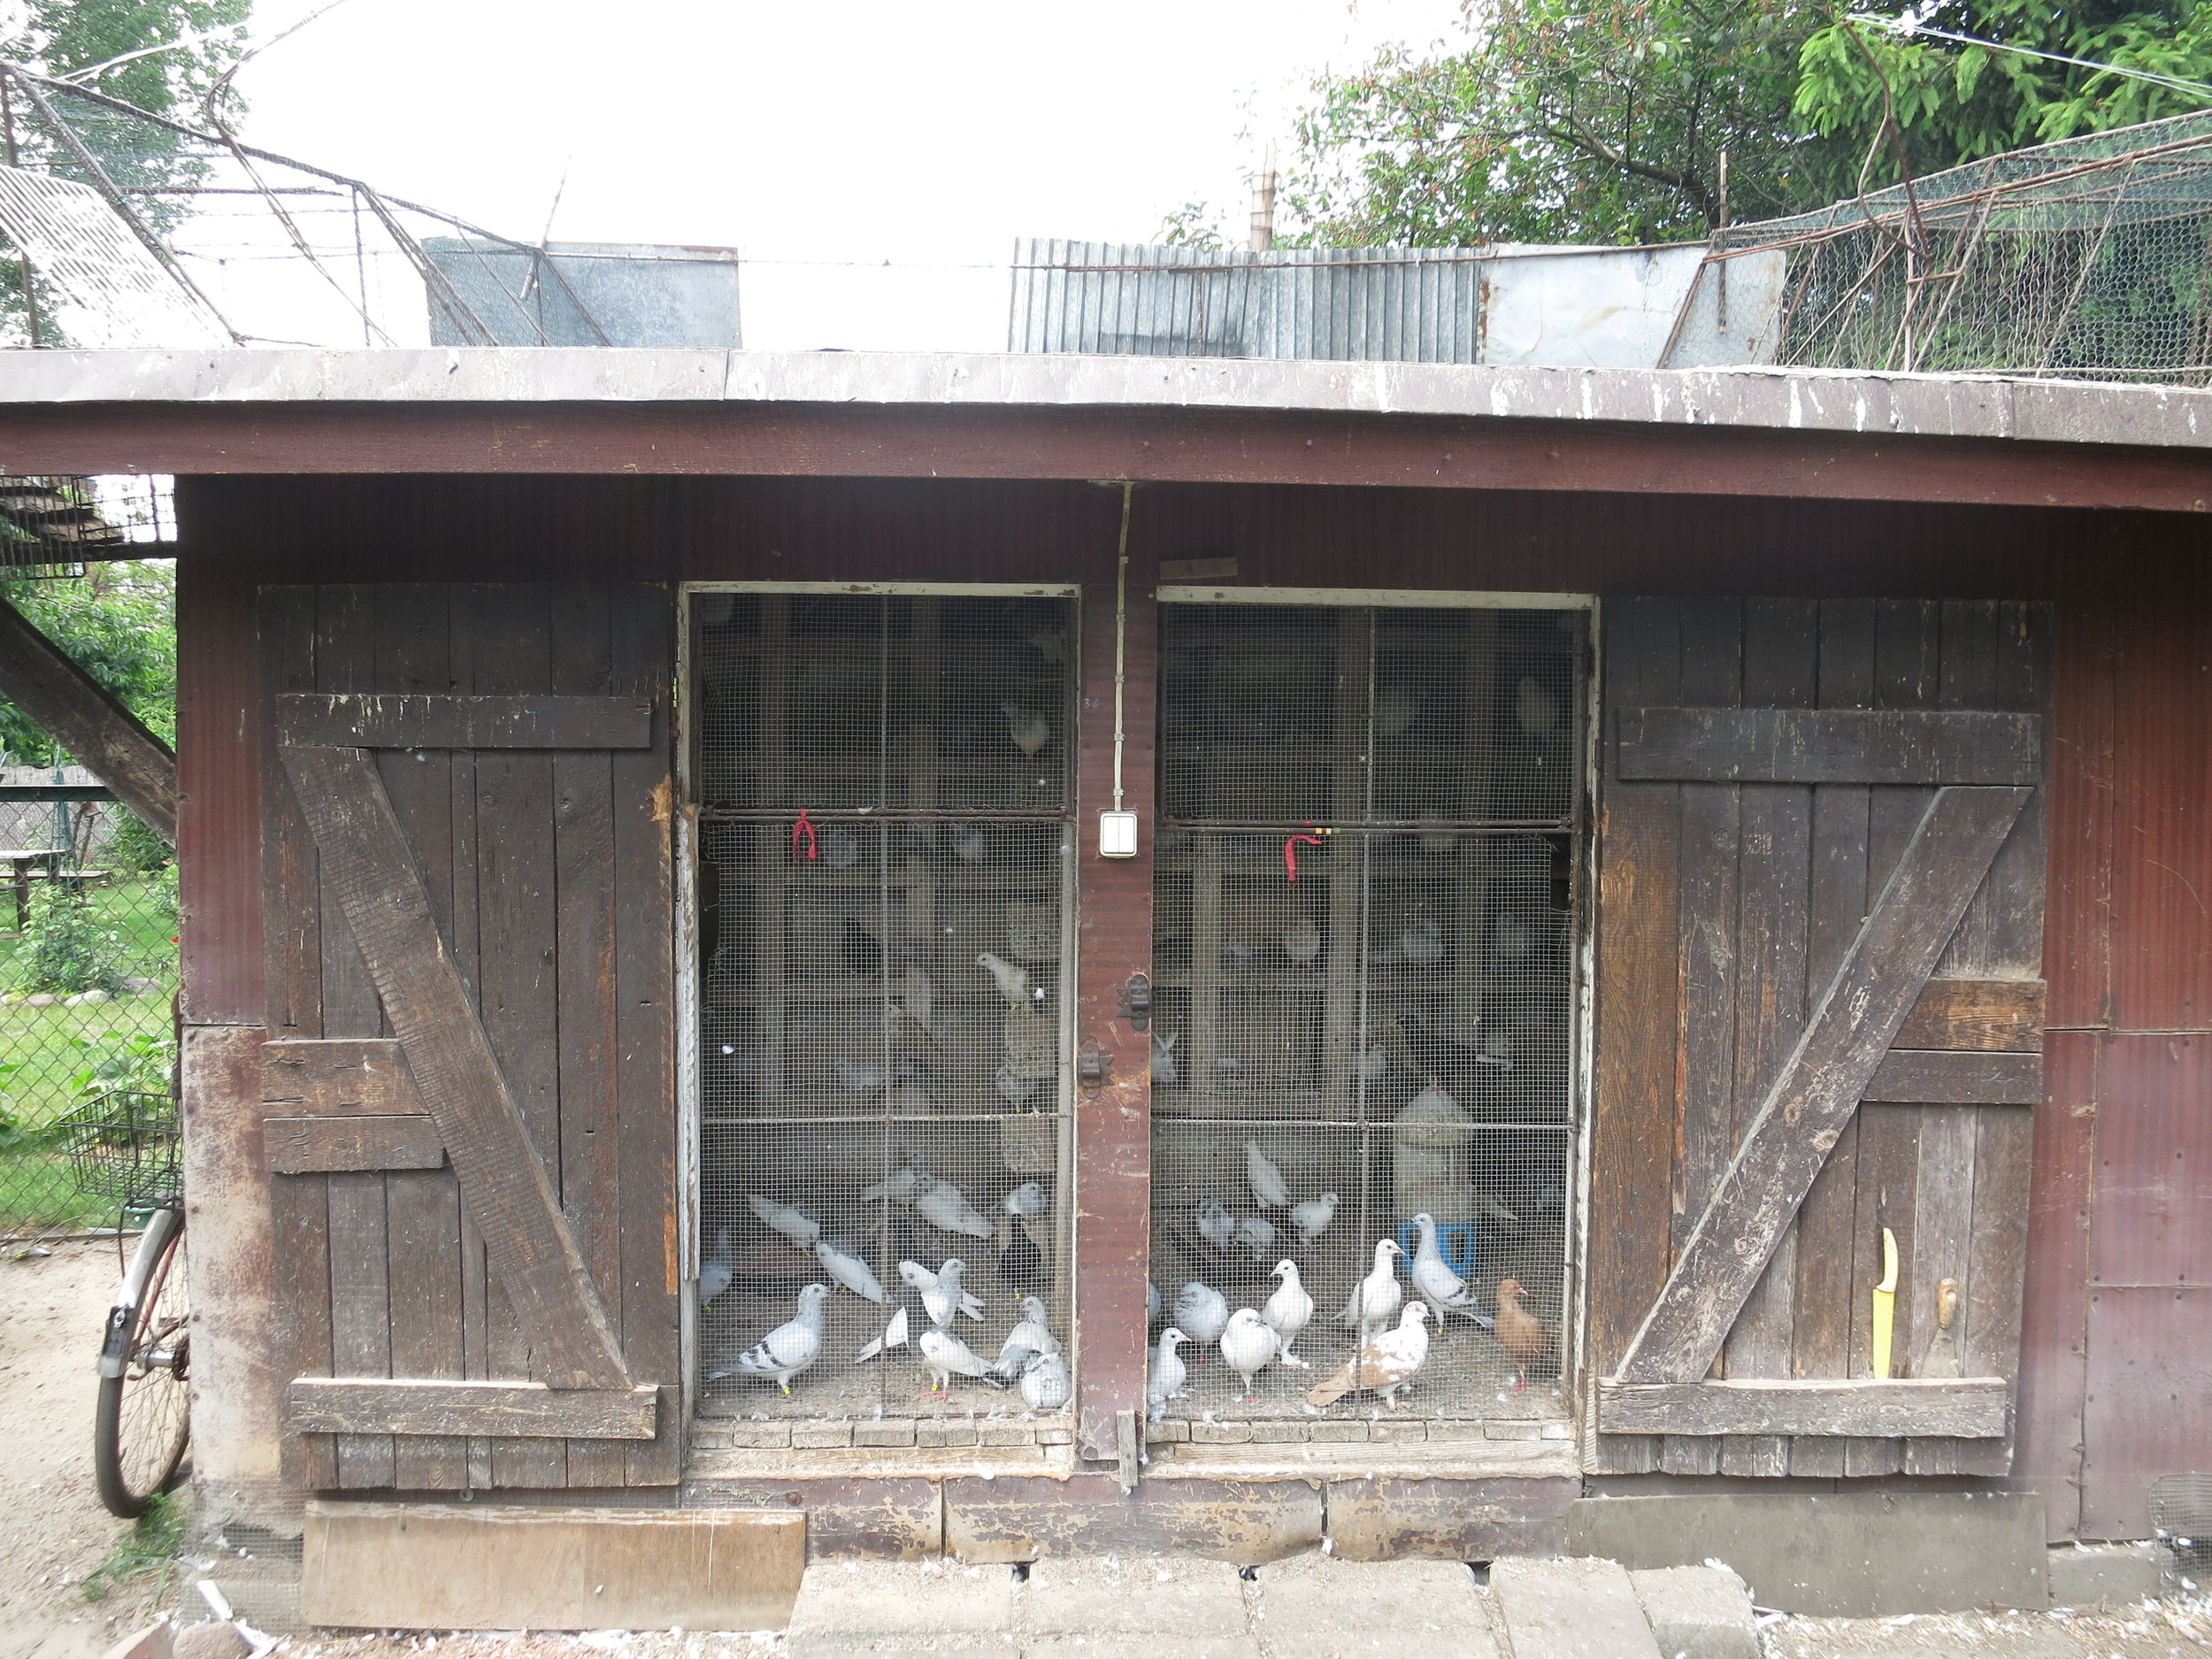 Backyard pigeon coop.